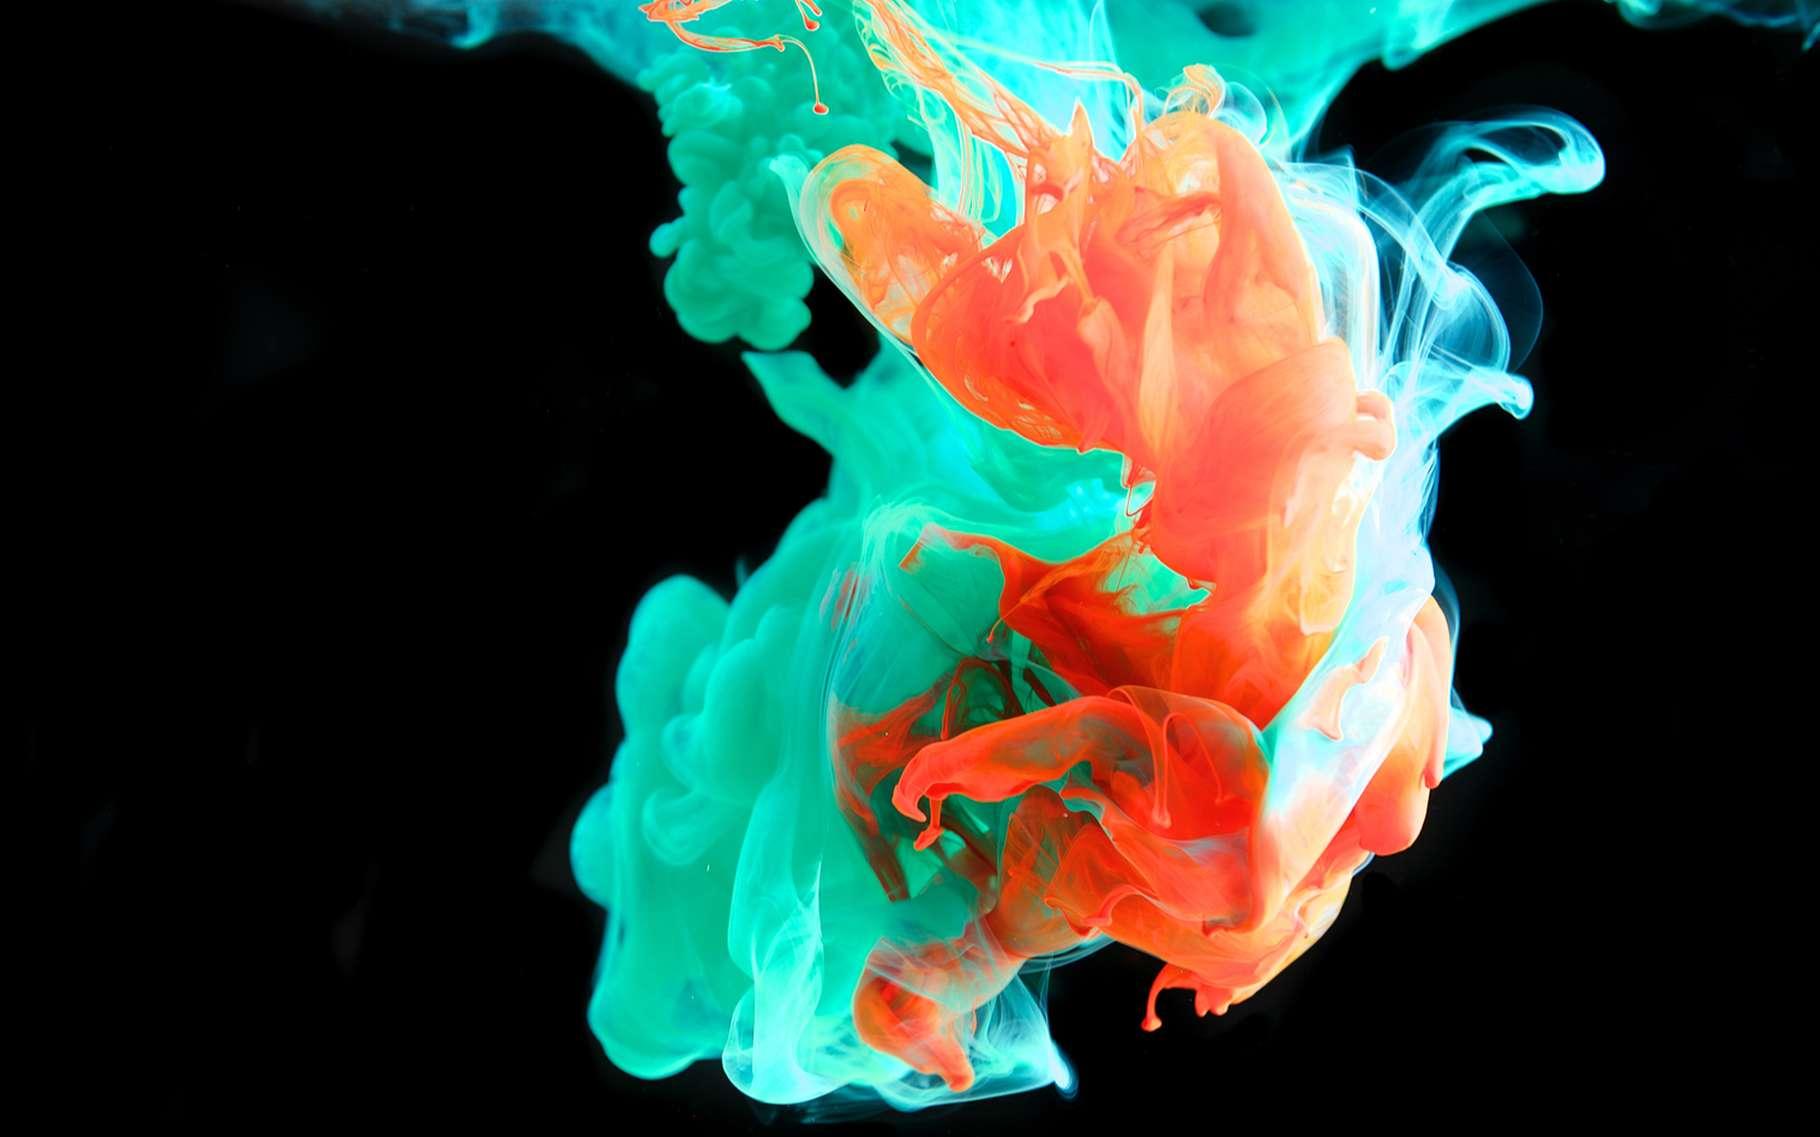 Dynamique des fluides  5 images de toute beaut